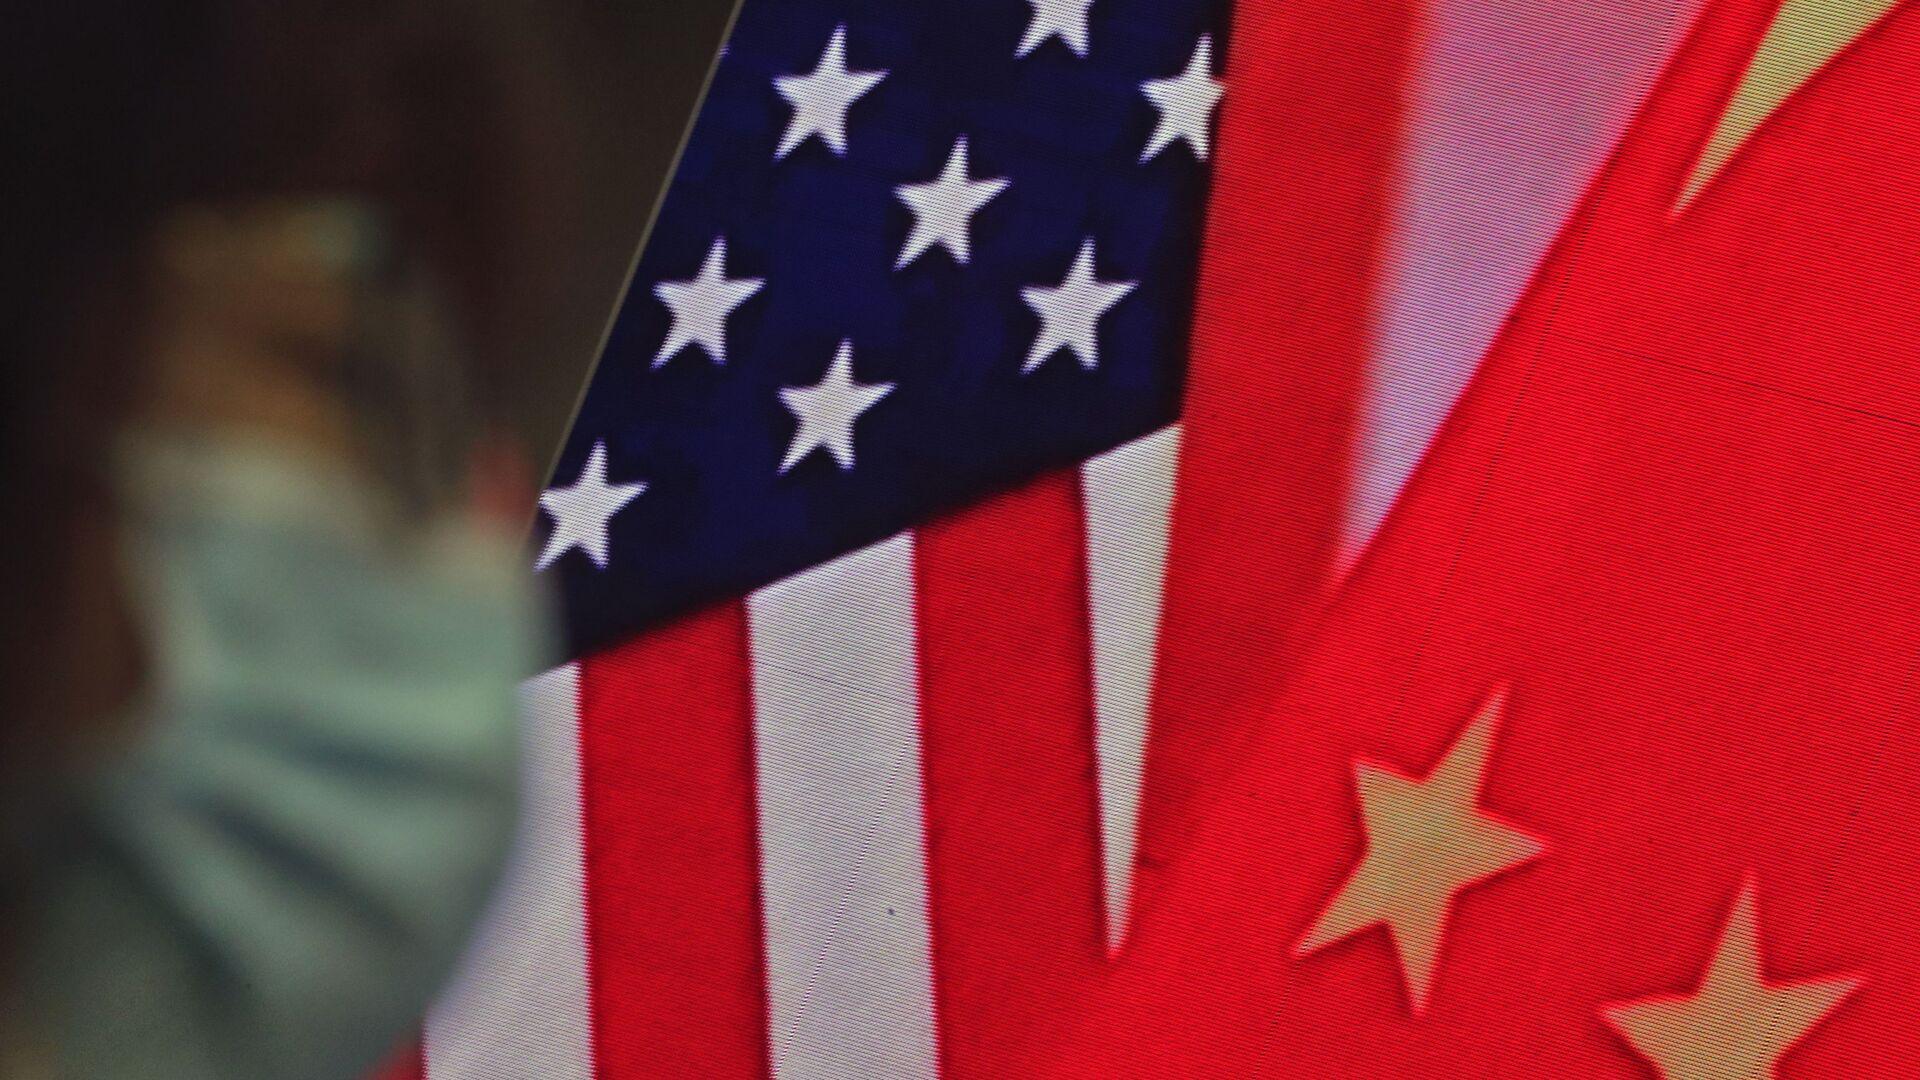 Drapeaux de la Chine et des USA - Sputnik France, 1920, 27.07.2021